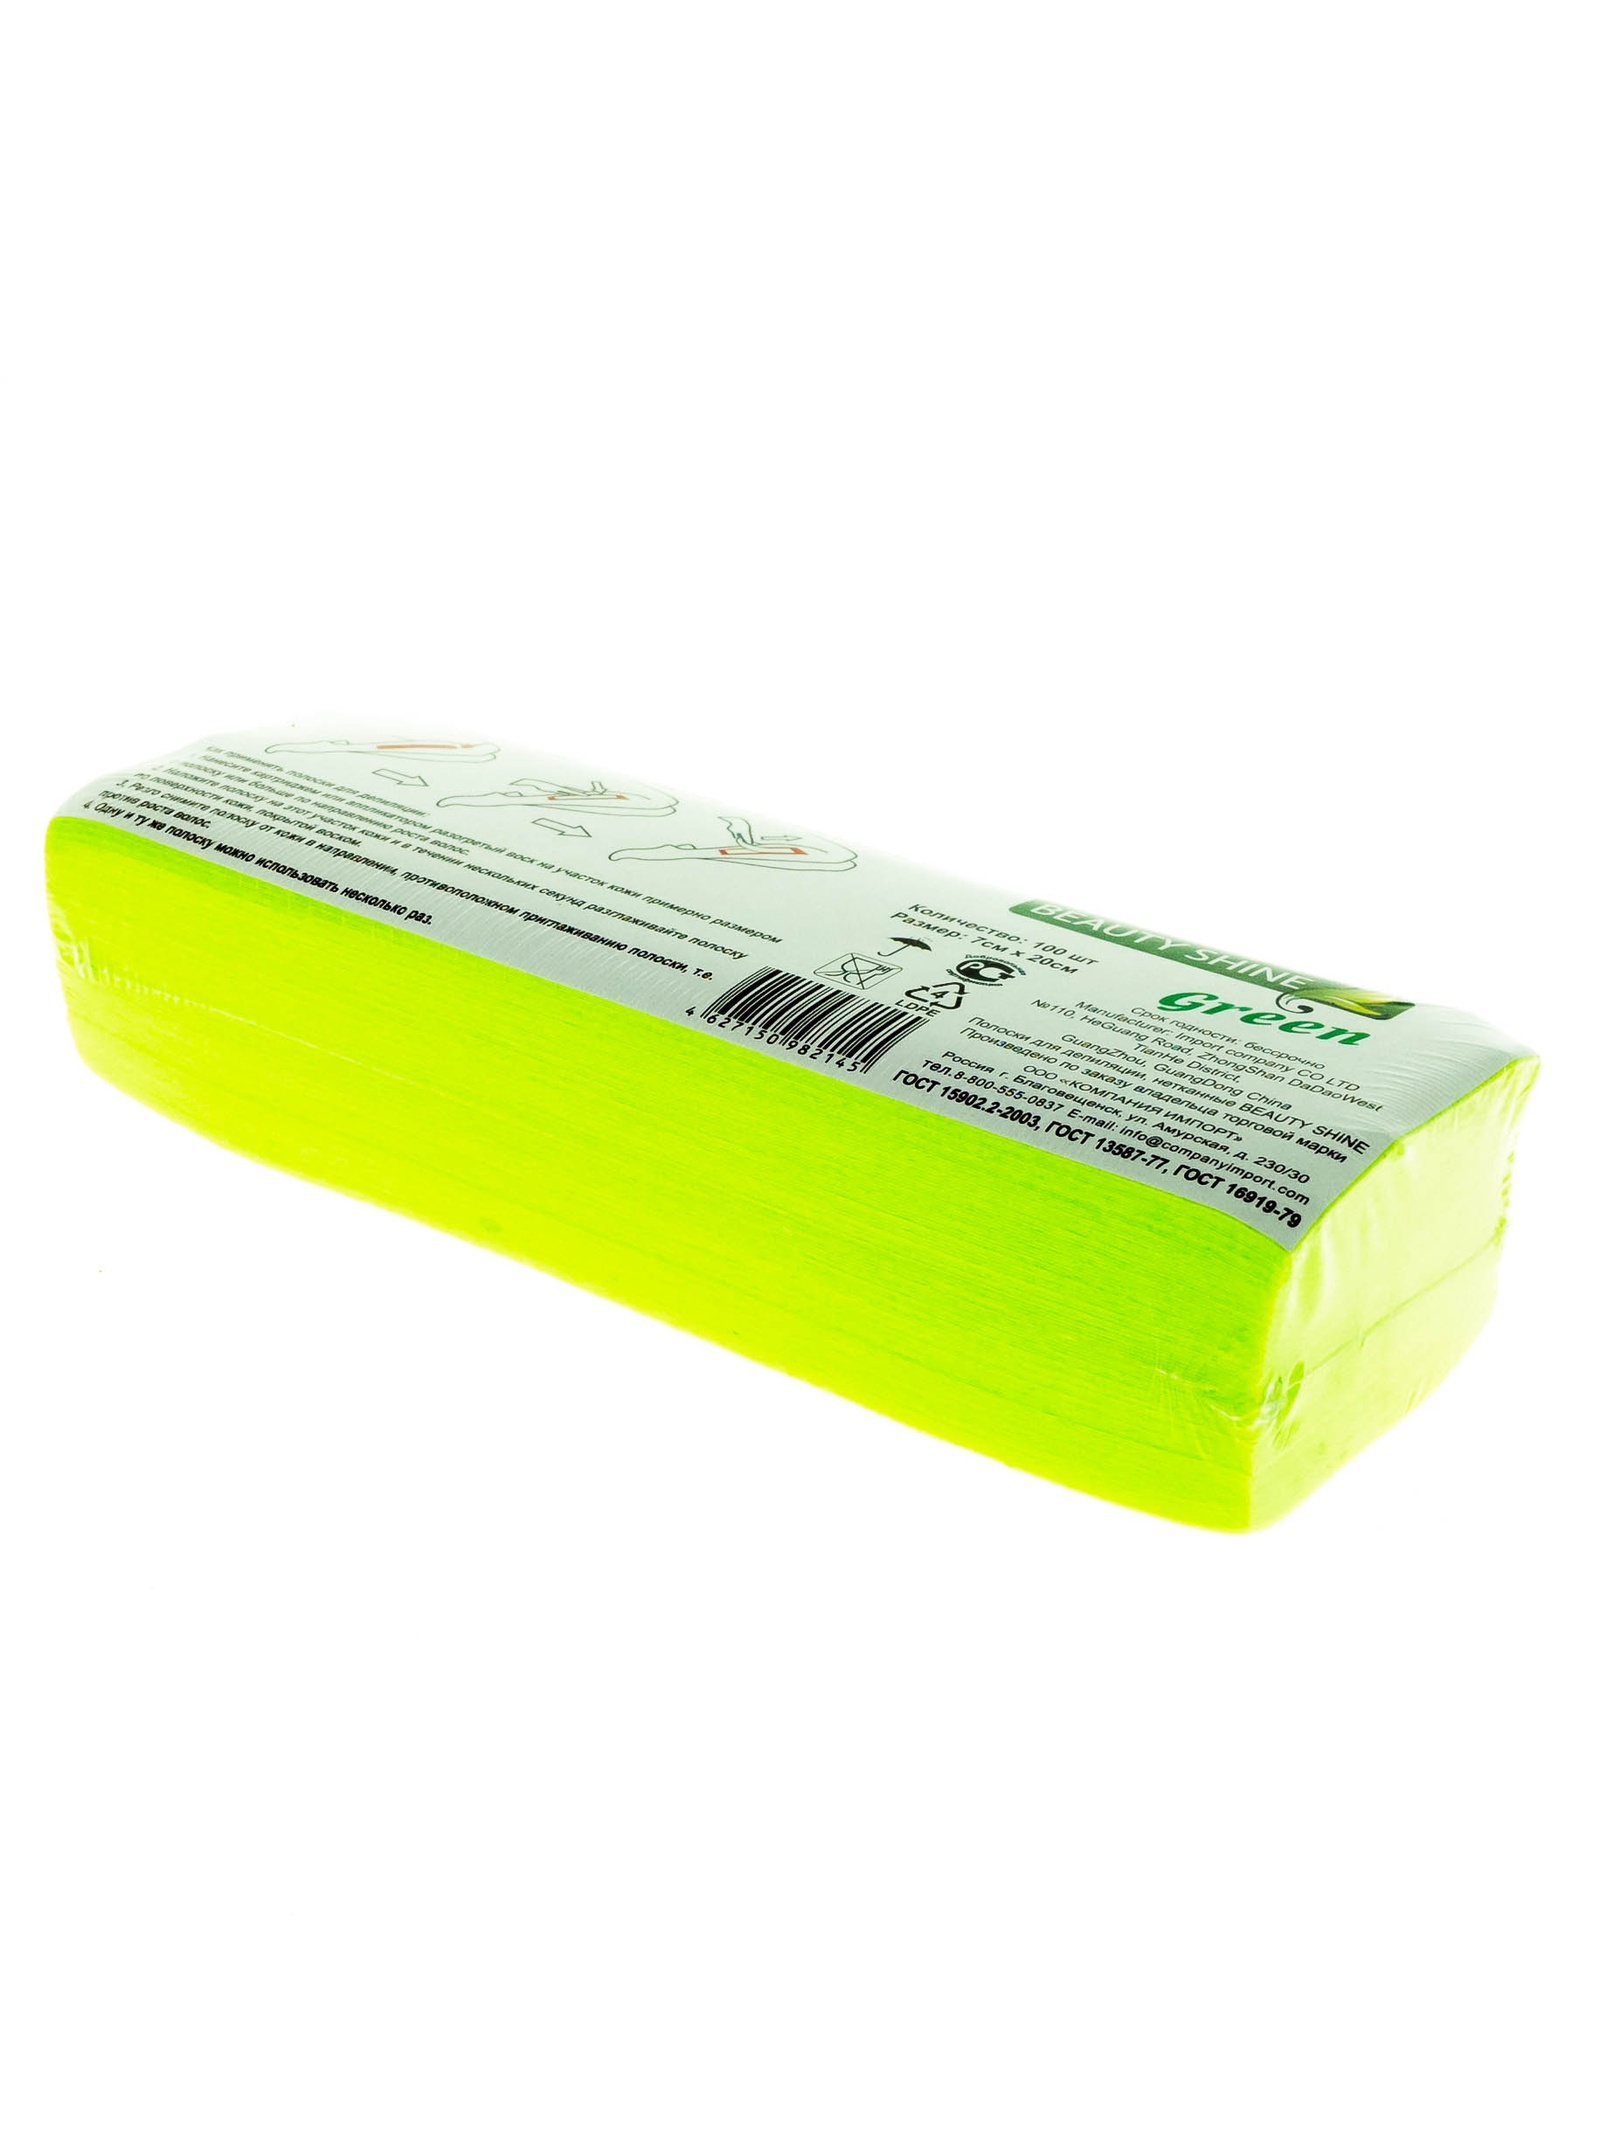 Полоски для депиляции нетканые Beauty Shine Green 982145, 100 шт, зеленый harizma полоски для депиляции 100 шт уп